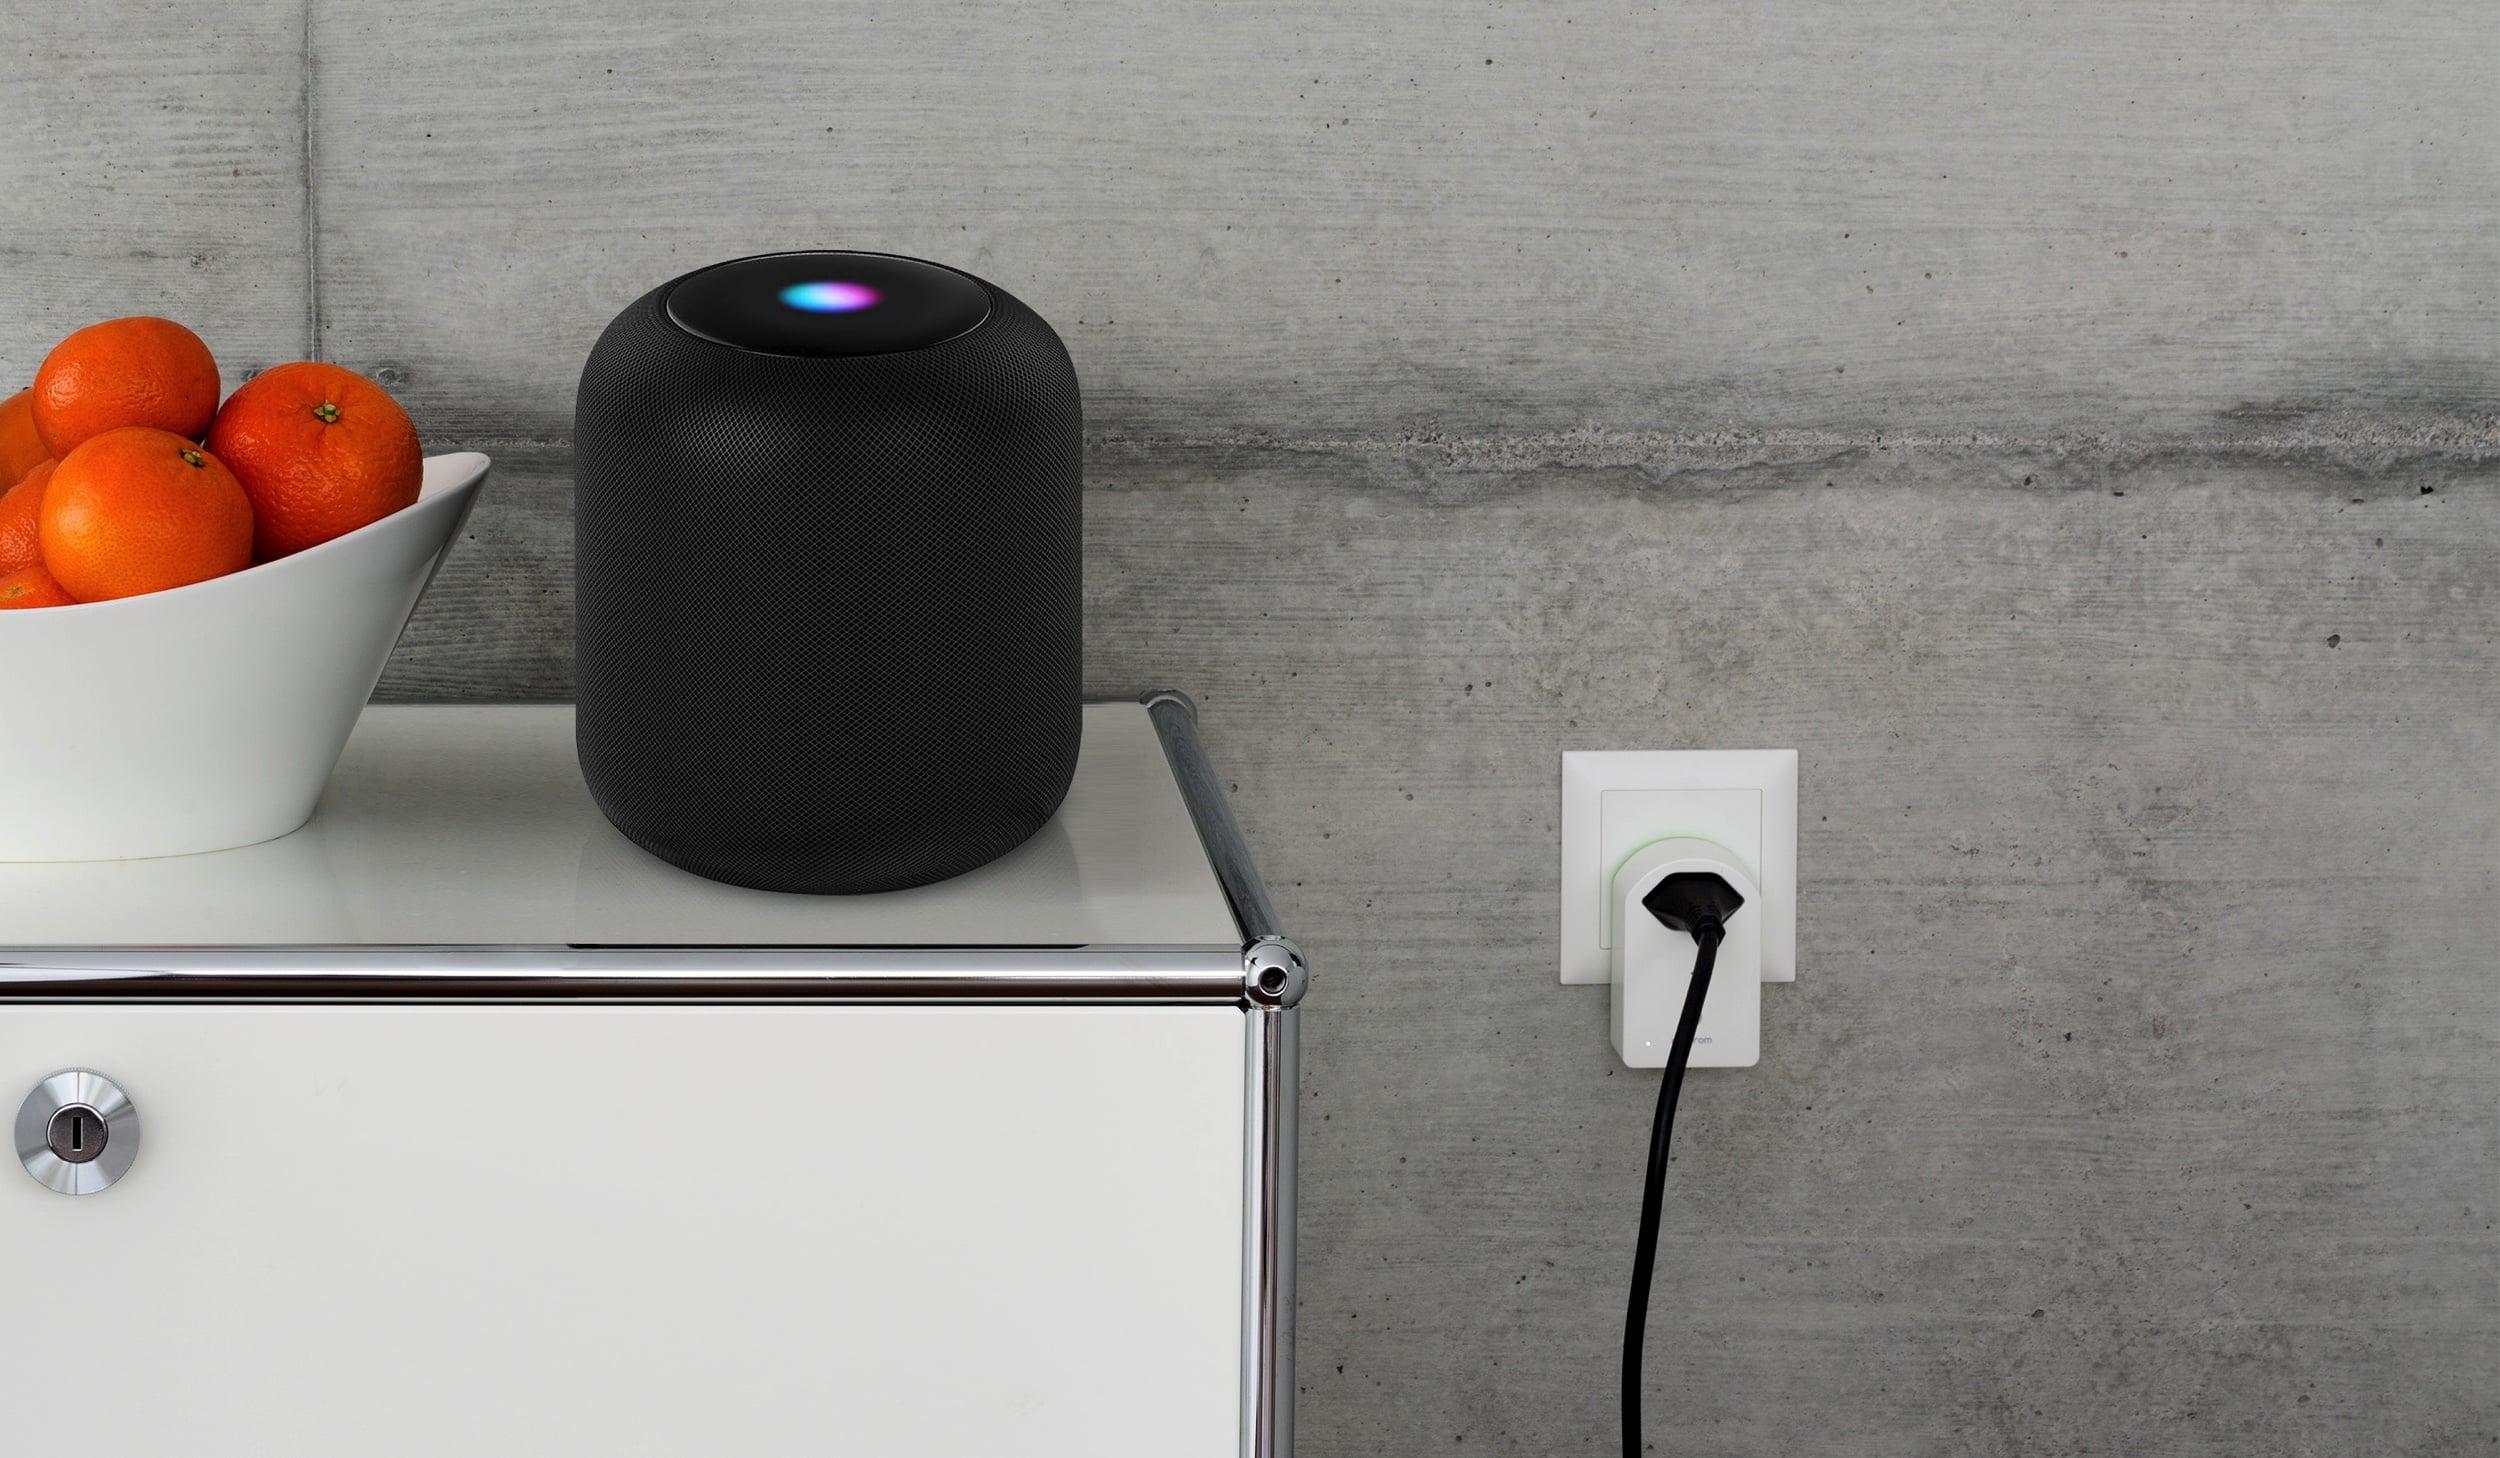 Erste myStrom-Geräte erhalten HomeKit-Update und mehr